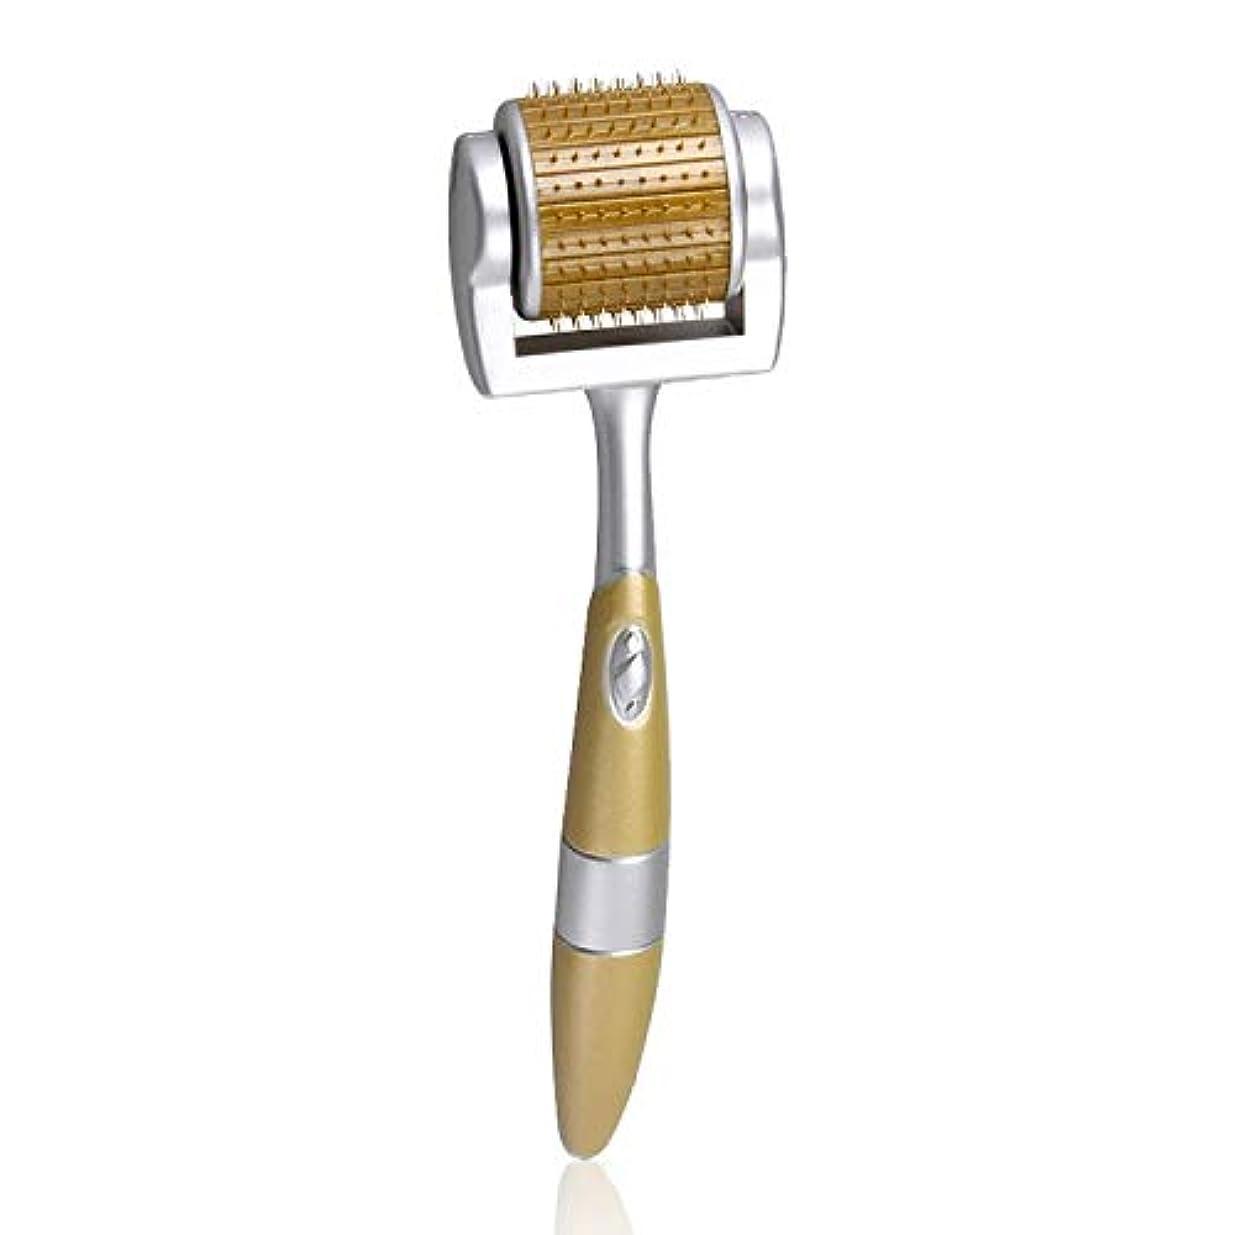 着替える背が高いマスクYNCL スキンケア洗顔ツール - 2 PCSチタン合金マイクロニードルひげ修理ナノローラー機器 - 化粧品ニードリングインストゥルメント、仕様:0.5MM